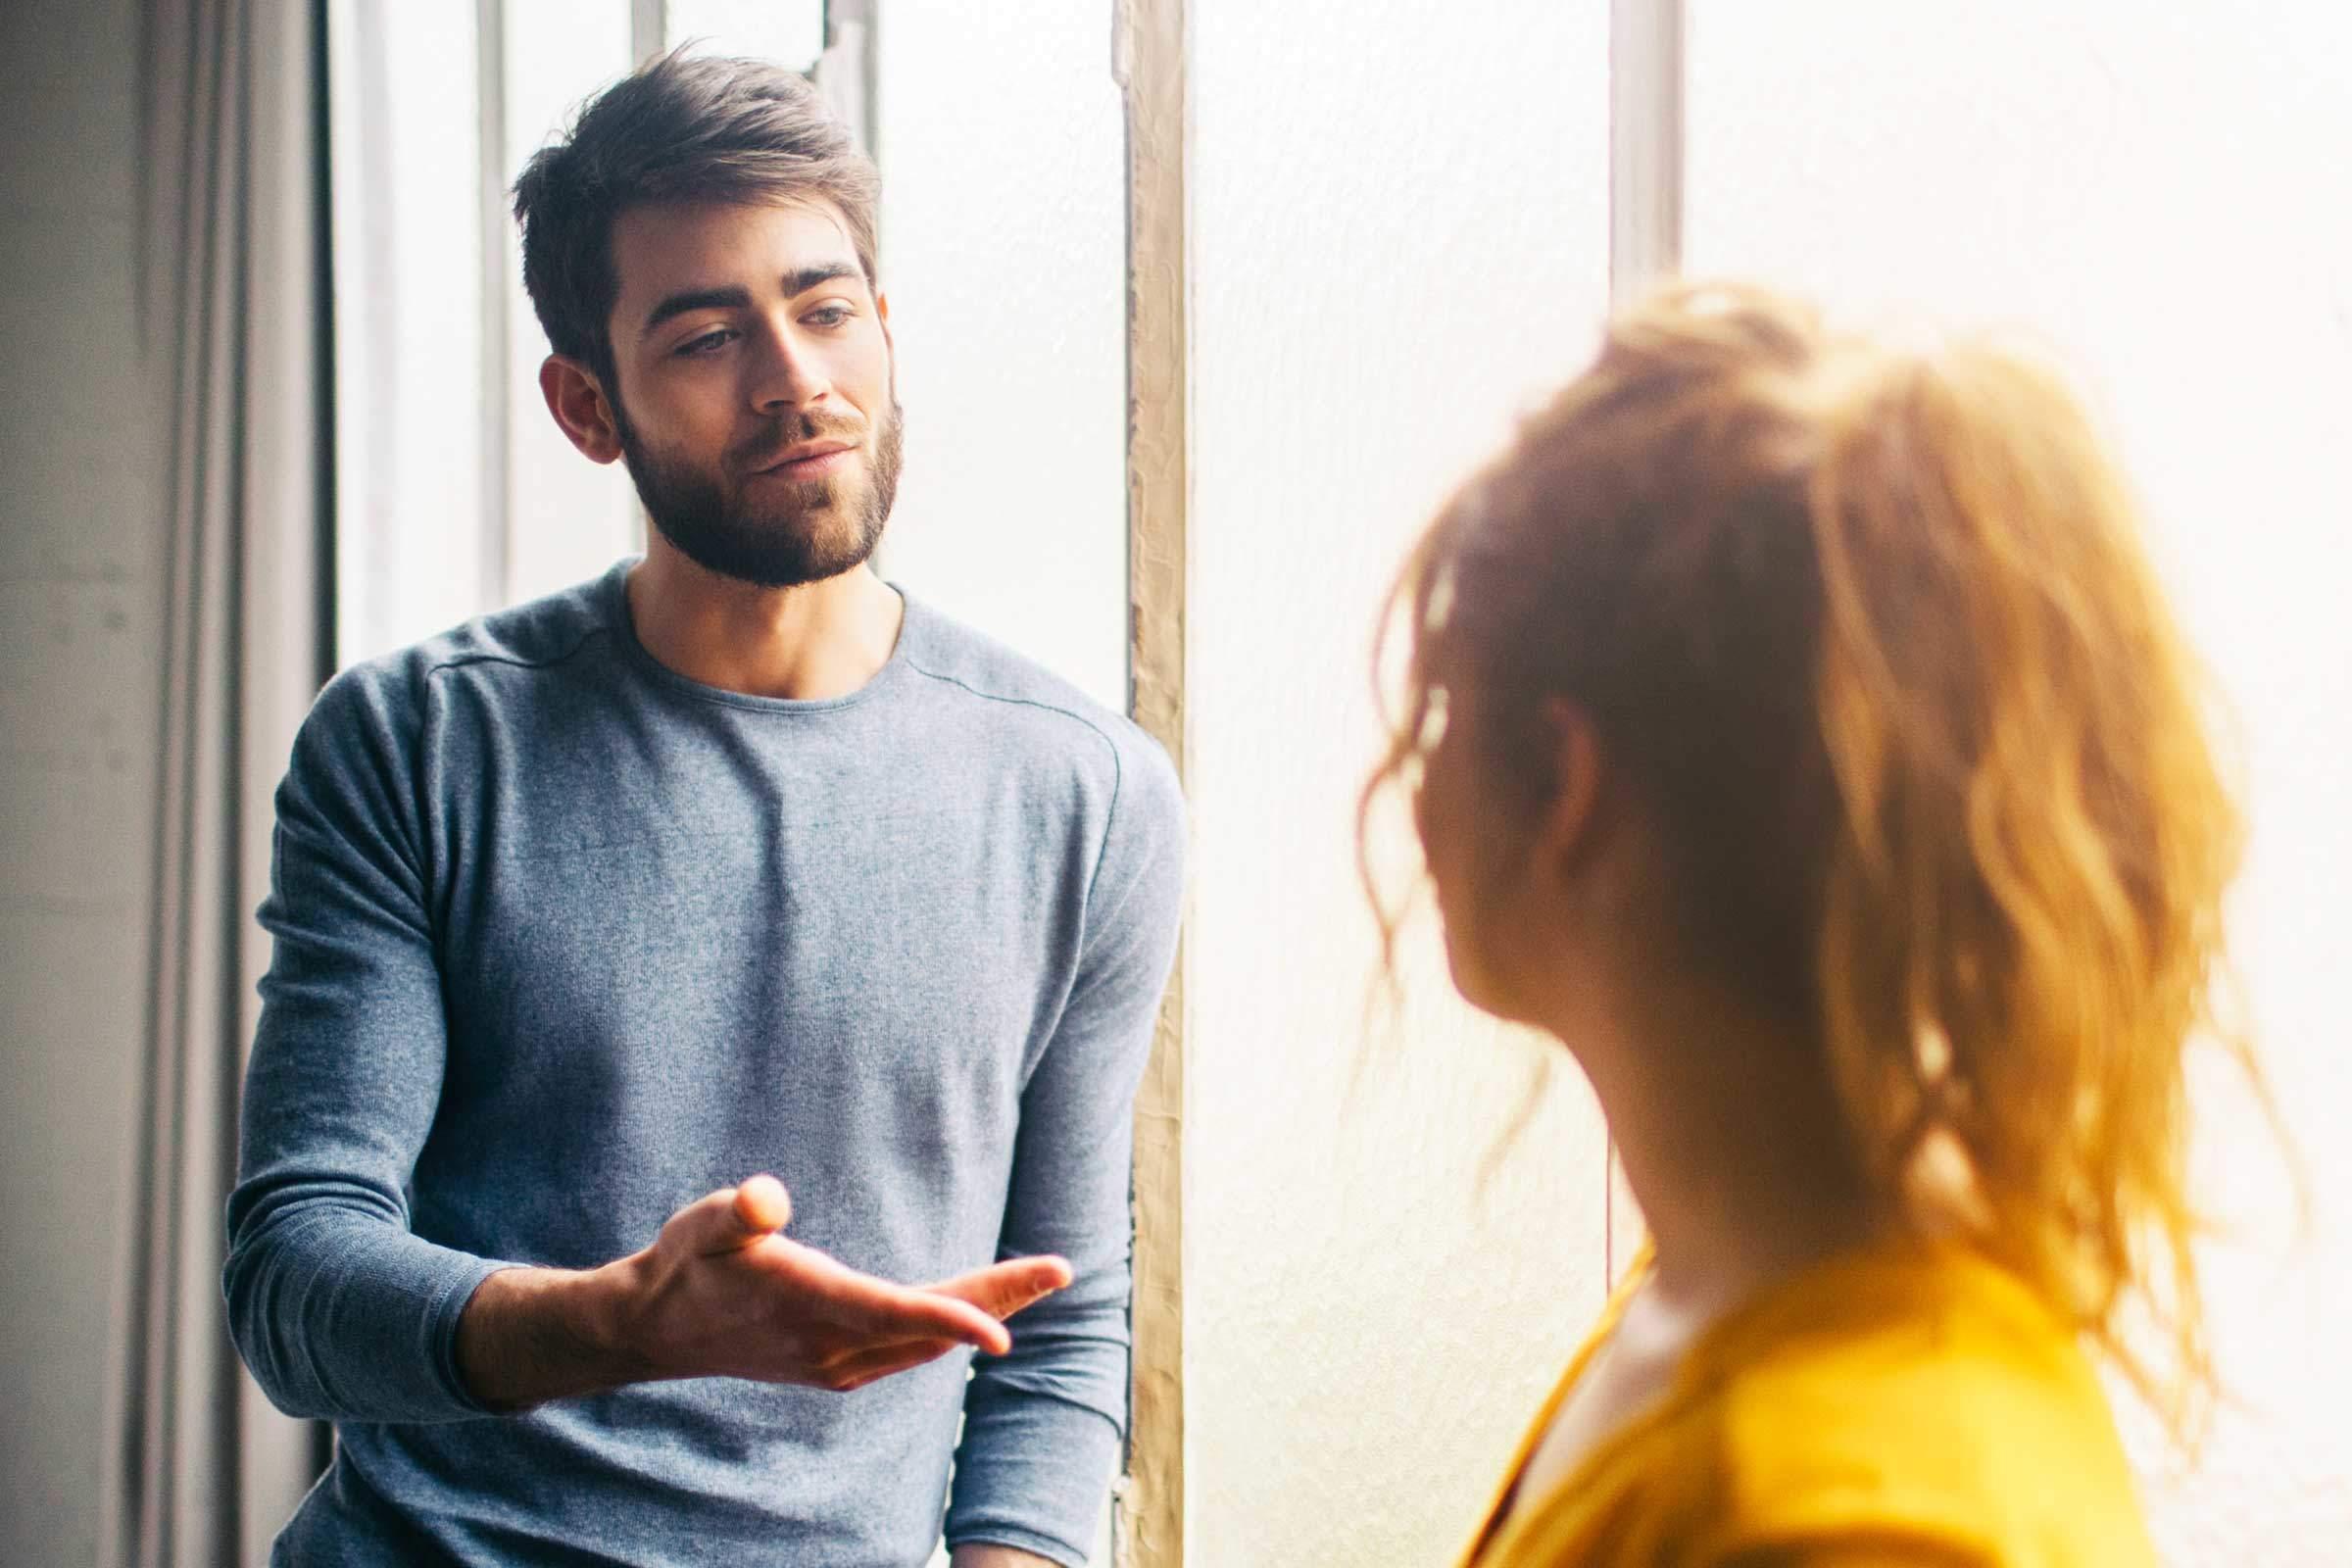 Comment divorcer pas cher